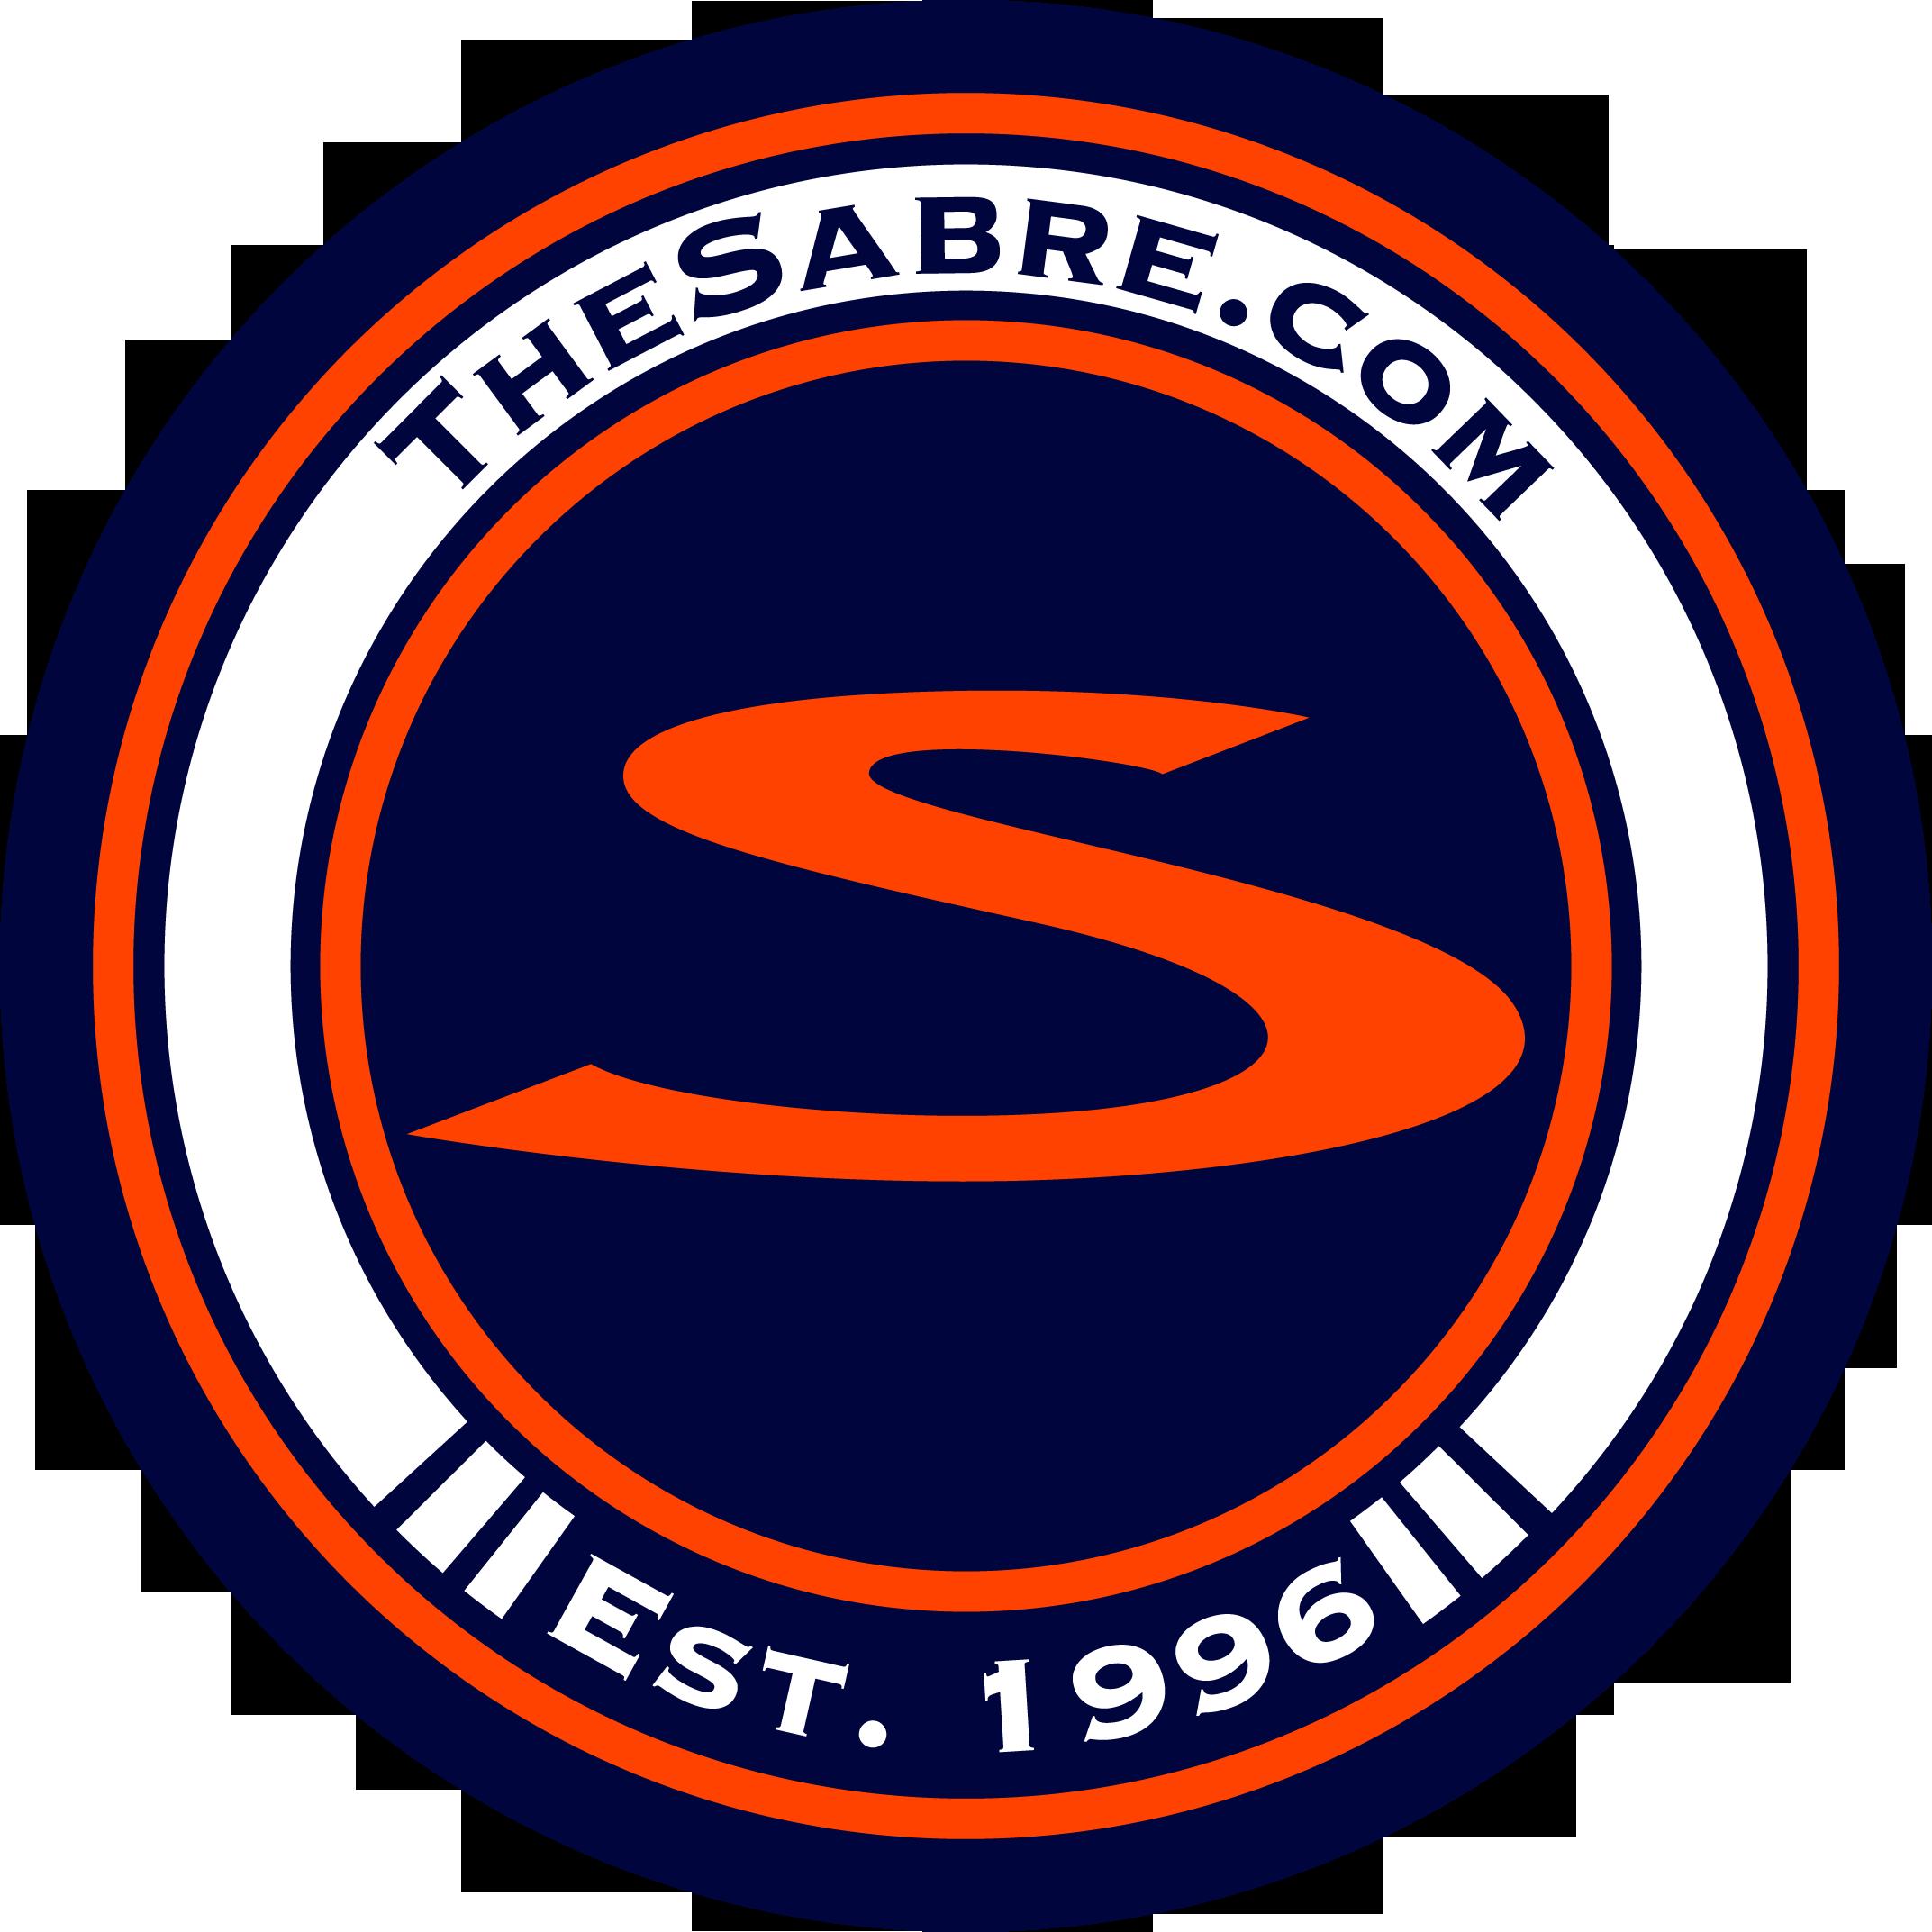 sabre_circular_logo_2145px